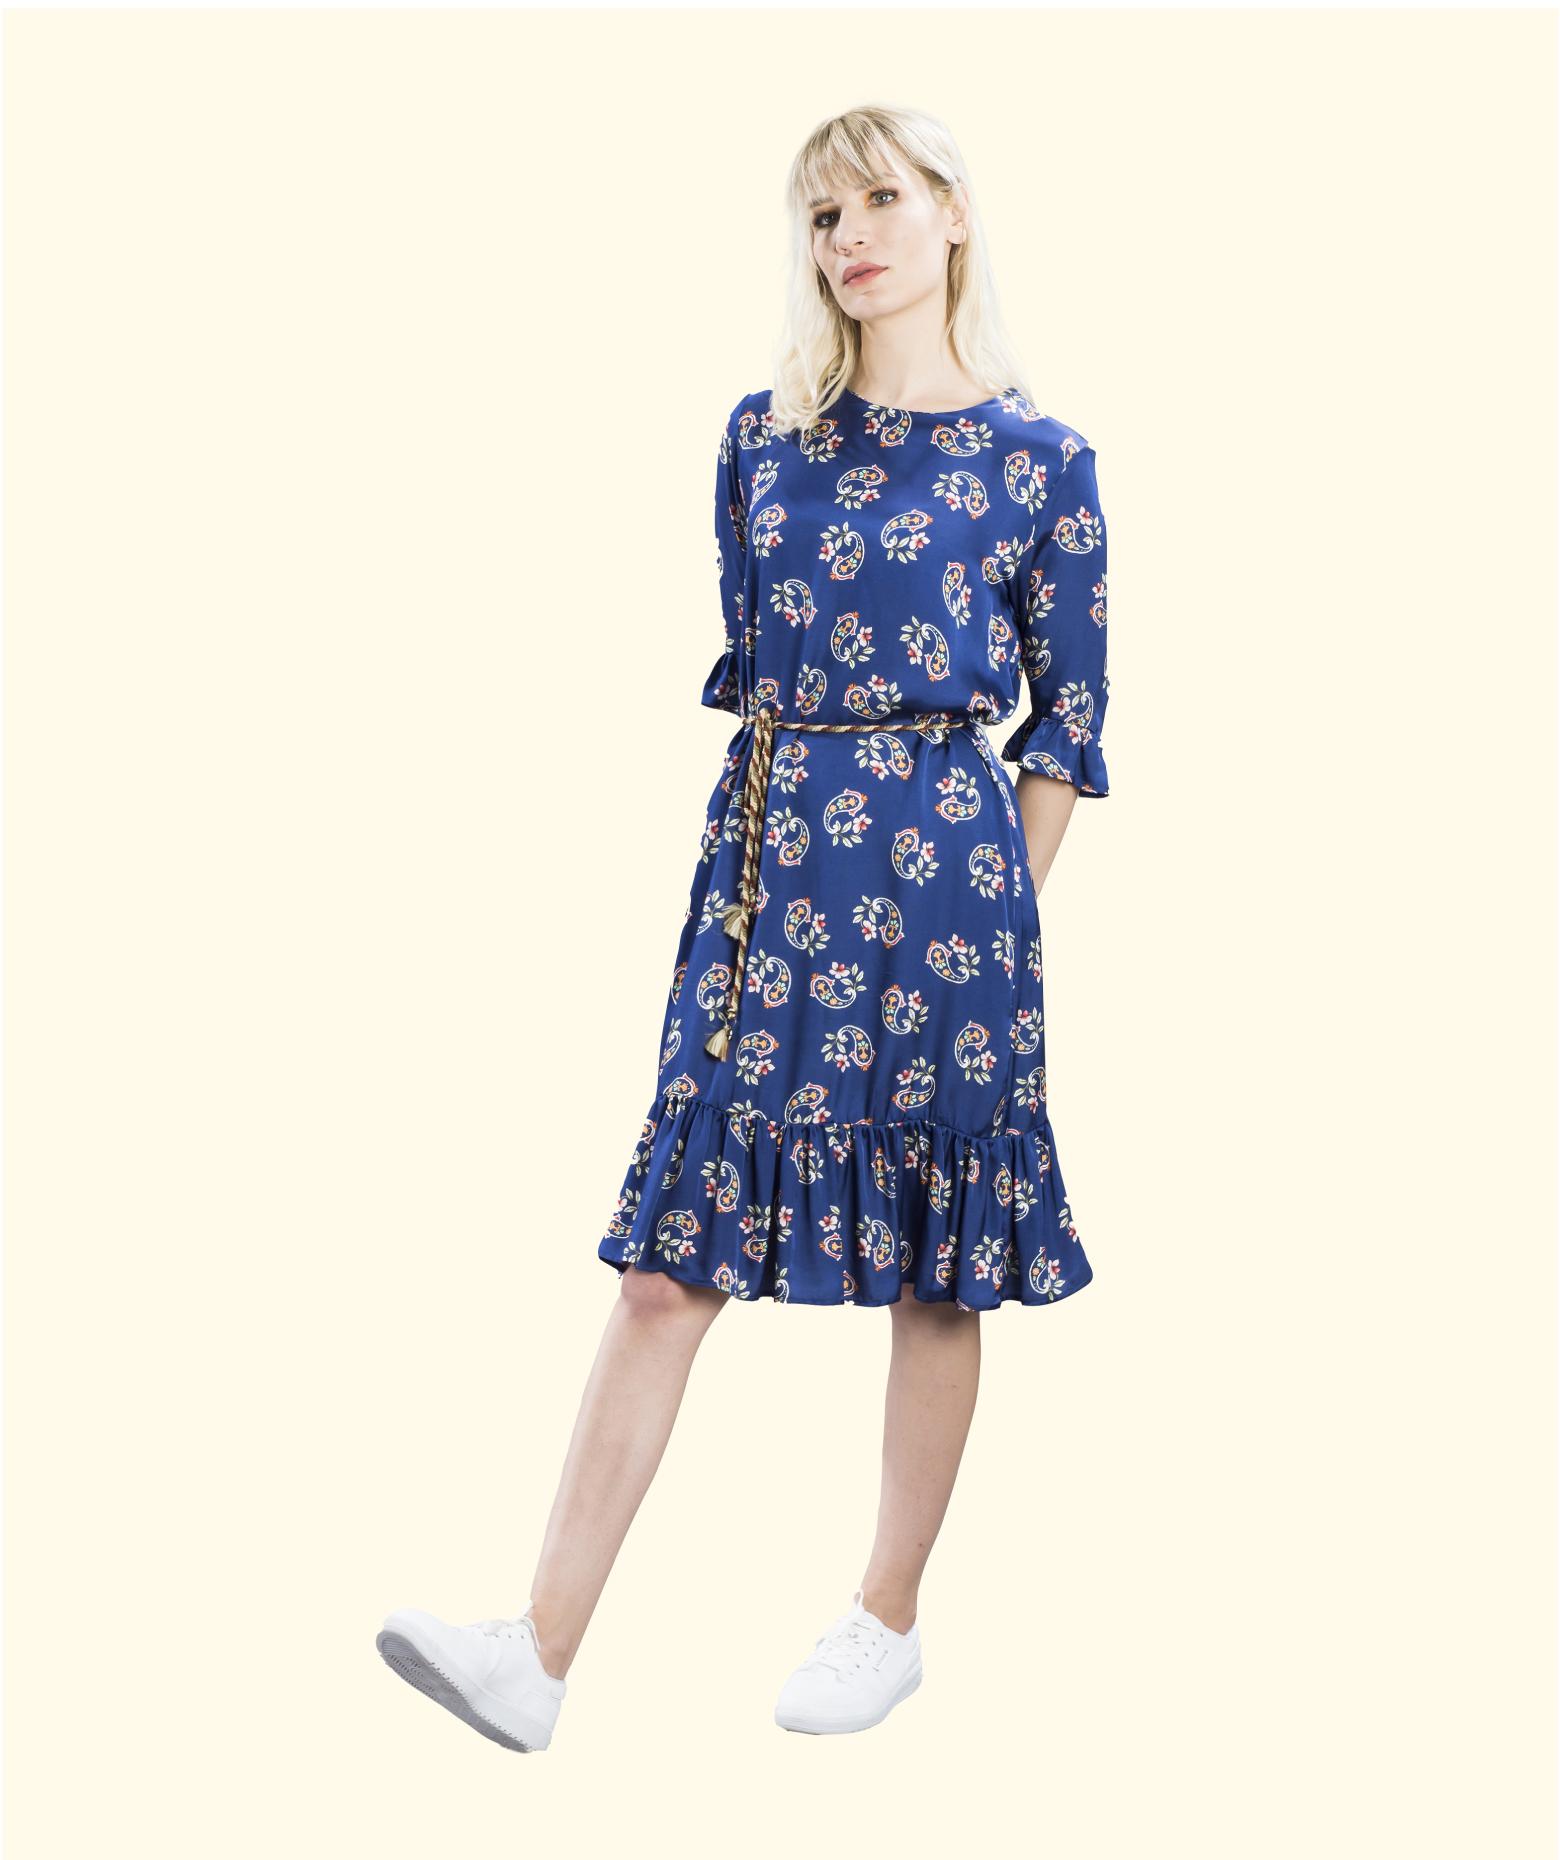 Mag Fırfır Detaylı Kuşaklı Elbise: Meisies'21